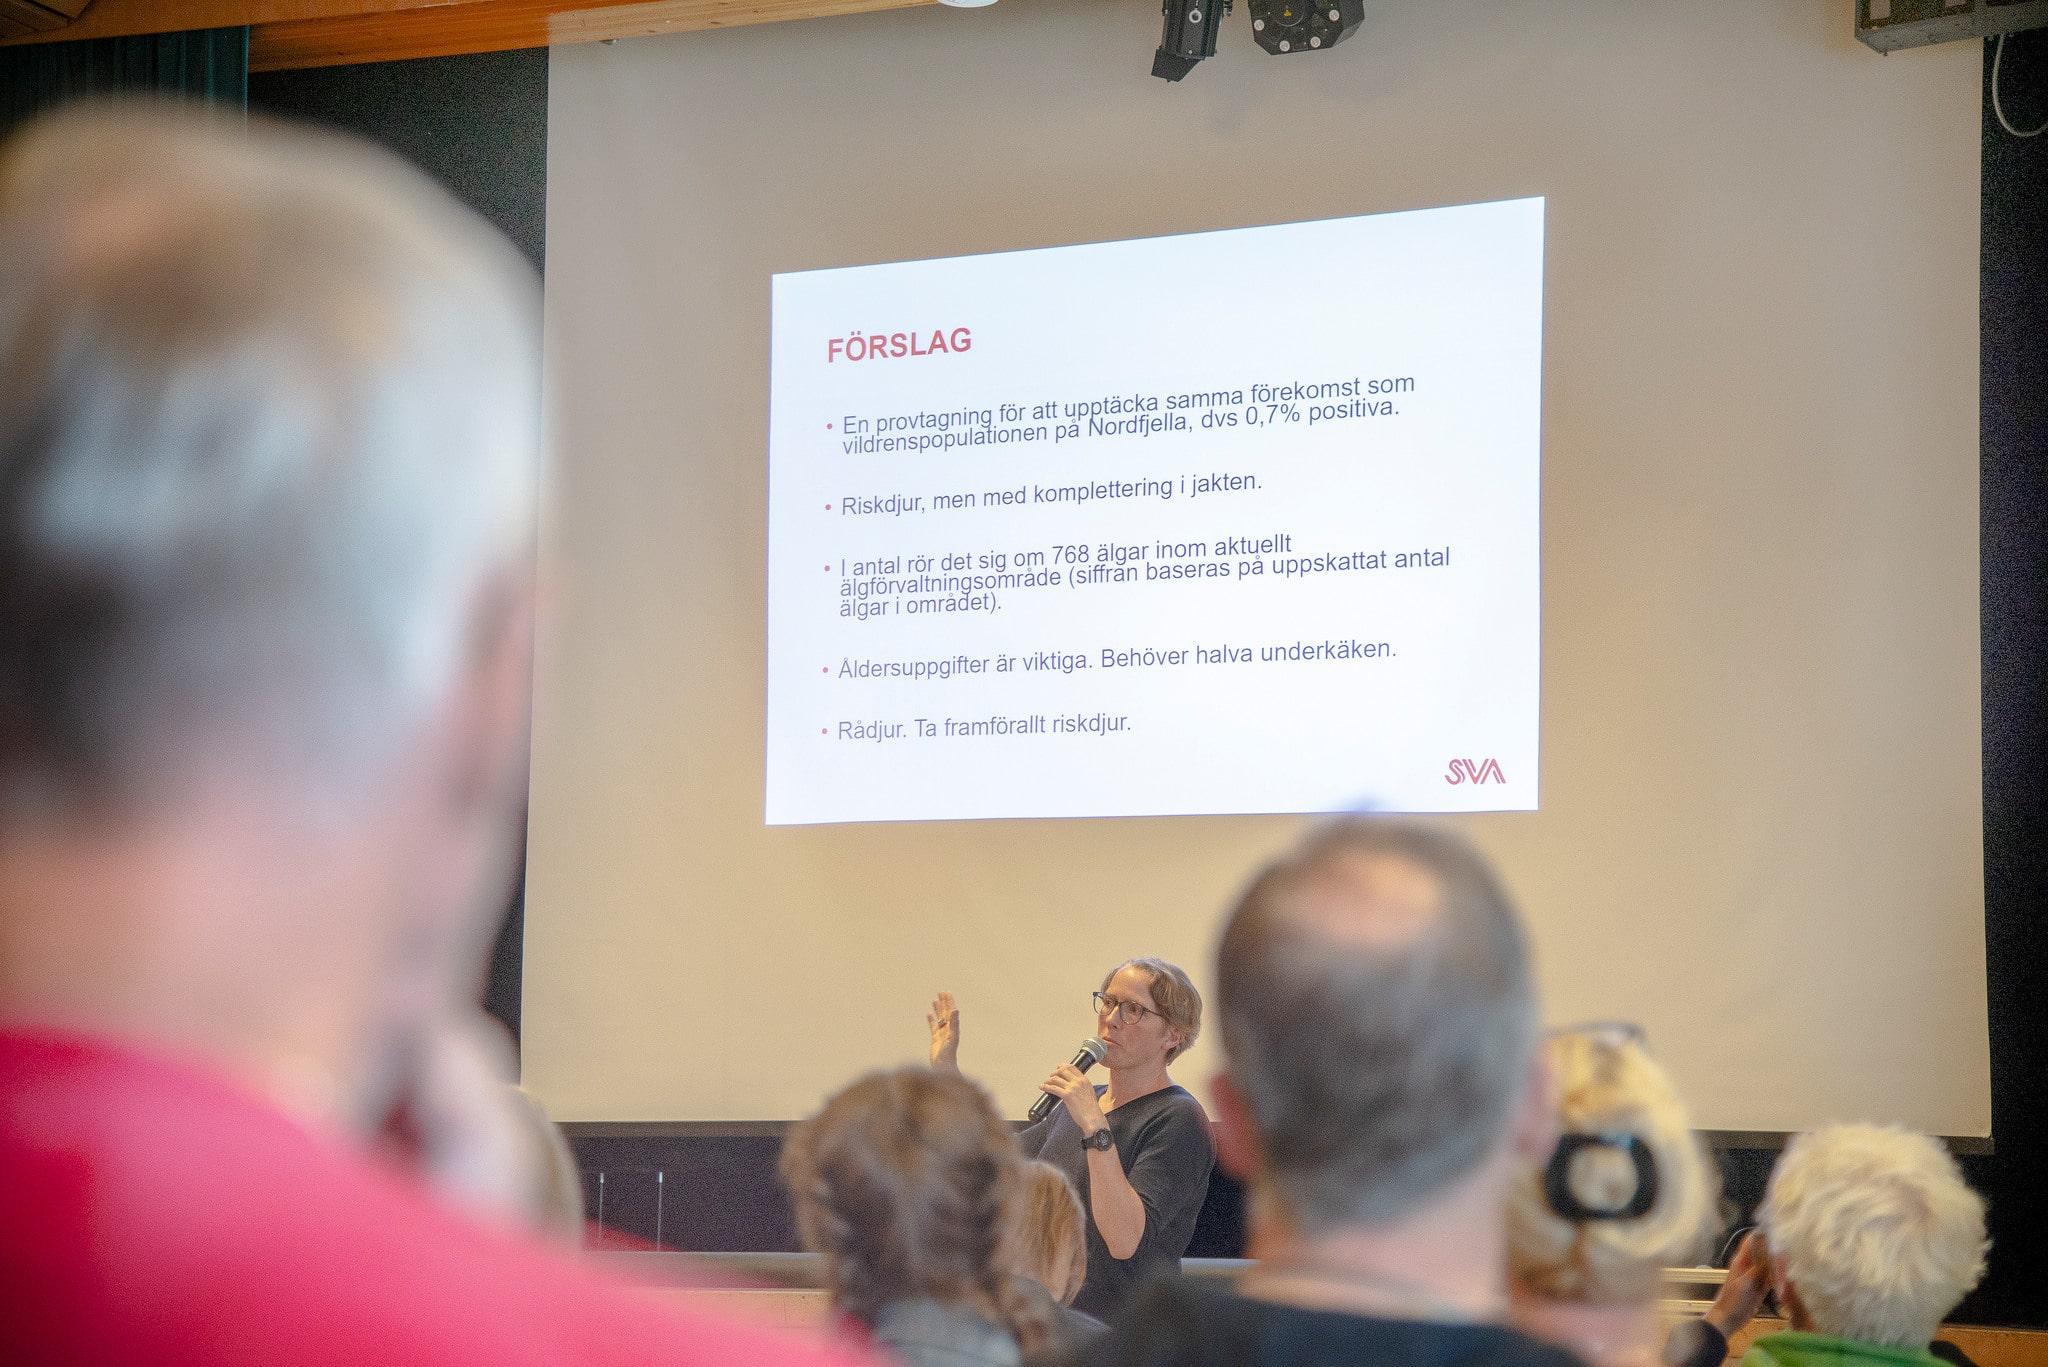 Maria Nöremark, epidemiolog vid SVA säger att det krävs omfattande provtagning för att få mer kunskap om CWD.